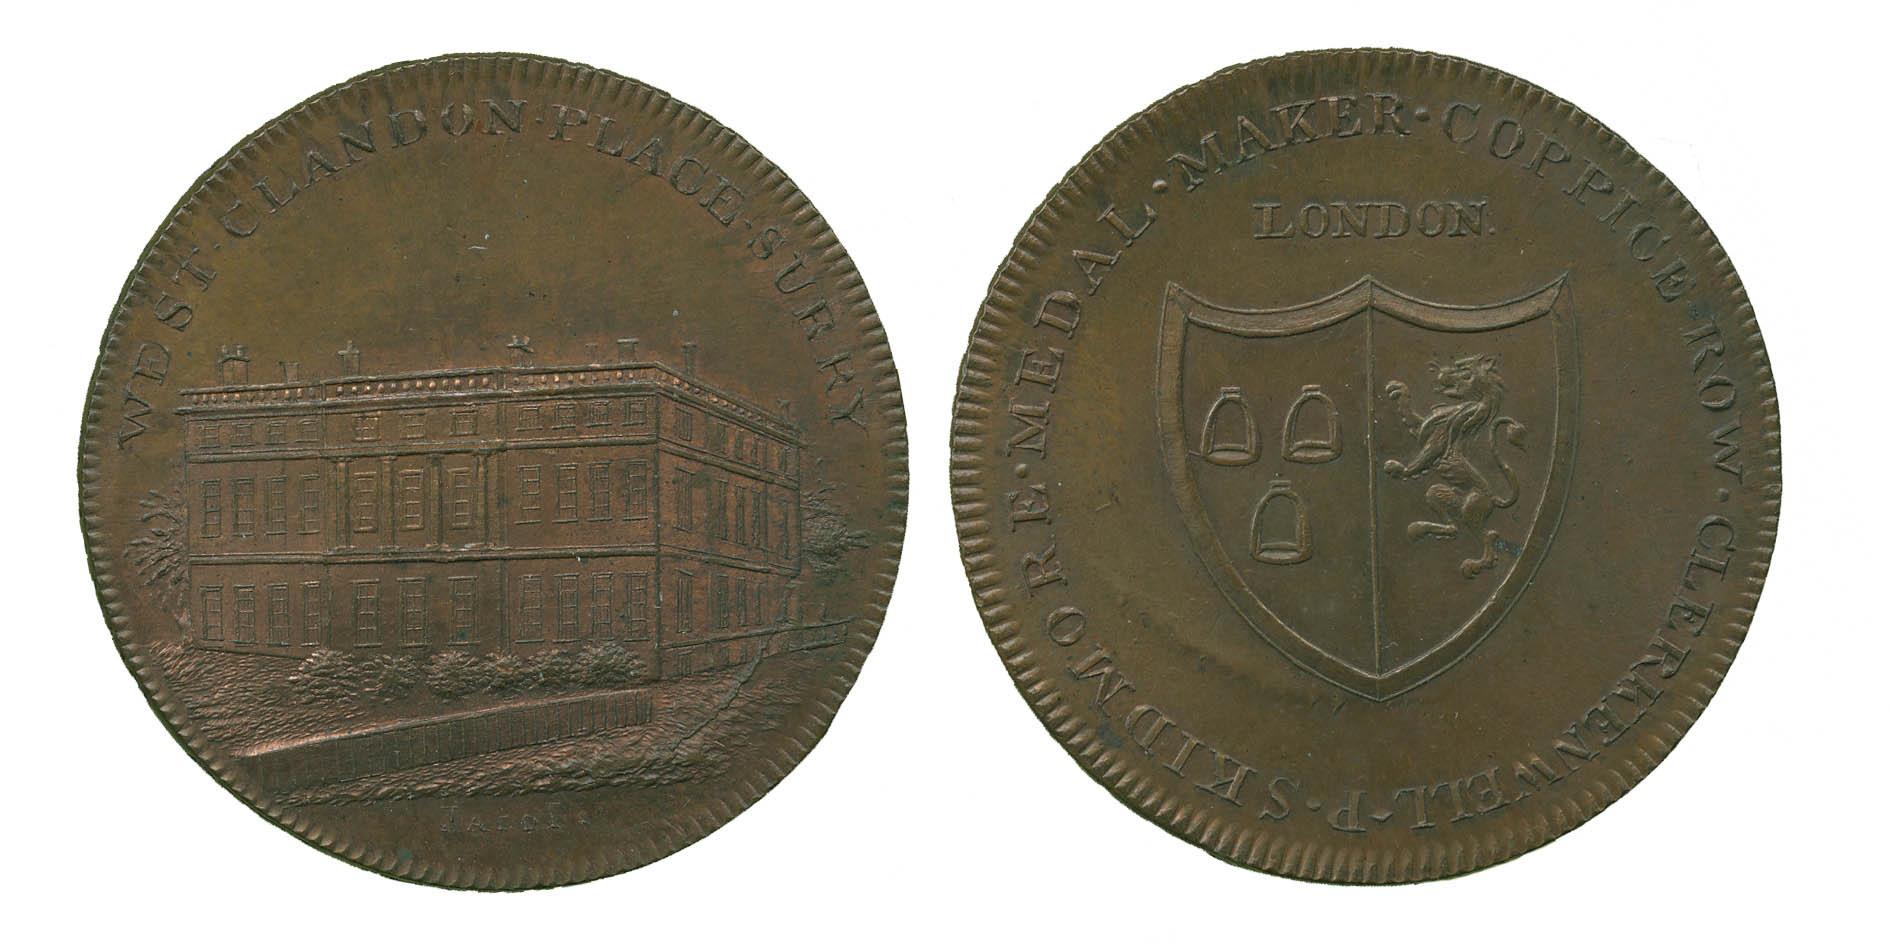 Surrey, Croydon, Clandon Place, Penny Token, 1797